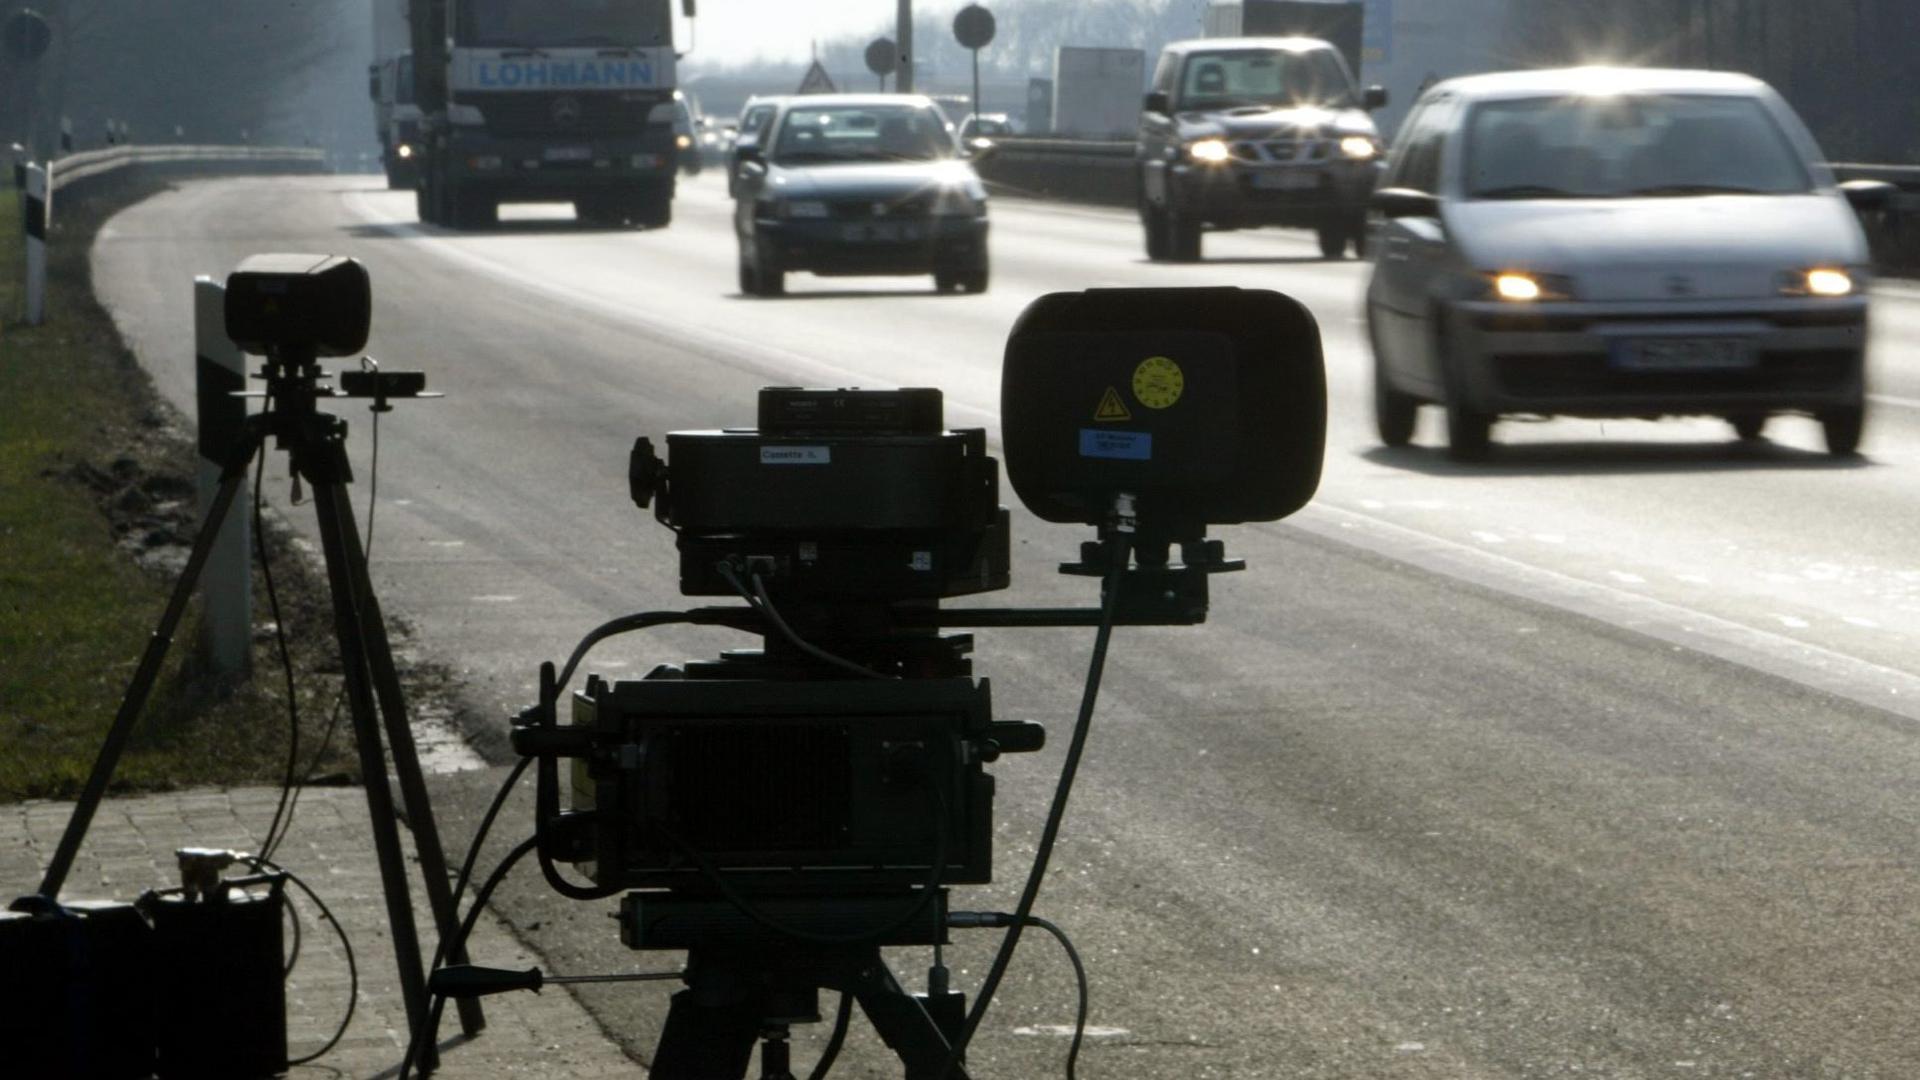 ARCHIV - Eine mobile Radaranlage der Polizei für eine Geschwindigkeitskontrolle mit einem zweiten Blitz zur besseren Ausleuchtung steht an der Autobahn A1 bei Münster (Archivfoto vom 01.03.2004). Raser und Drängler rücken in Baden-Württemberg künftig noch stärker ins Visier der Verkehrspolizei: Landespolizeipräsident Erwin Hetger kündigte an, dass die offene und verdeckte Überwachung auf allen Straßen von diesem Frühjahr an kräftig ausgebaut wird. Foto: Bernd Thissen dpa/lsw (zu lsw-THEMA DES TAGES vom 03.02.2008) +++(c) dpa - Bildfunk+++